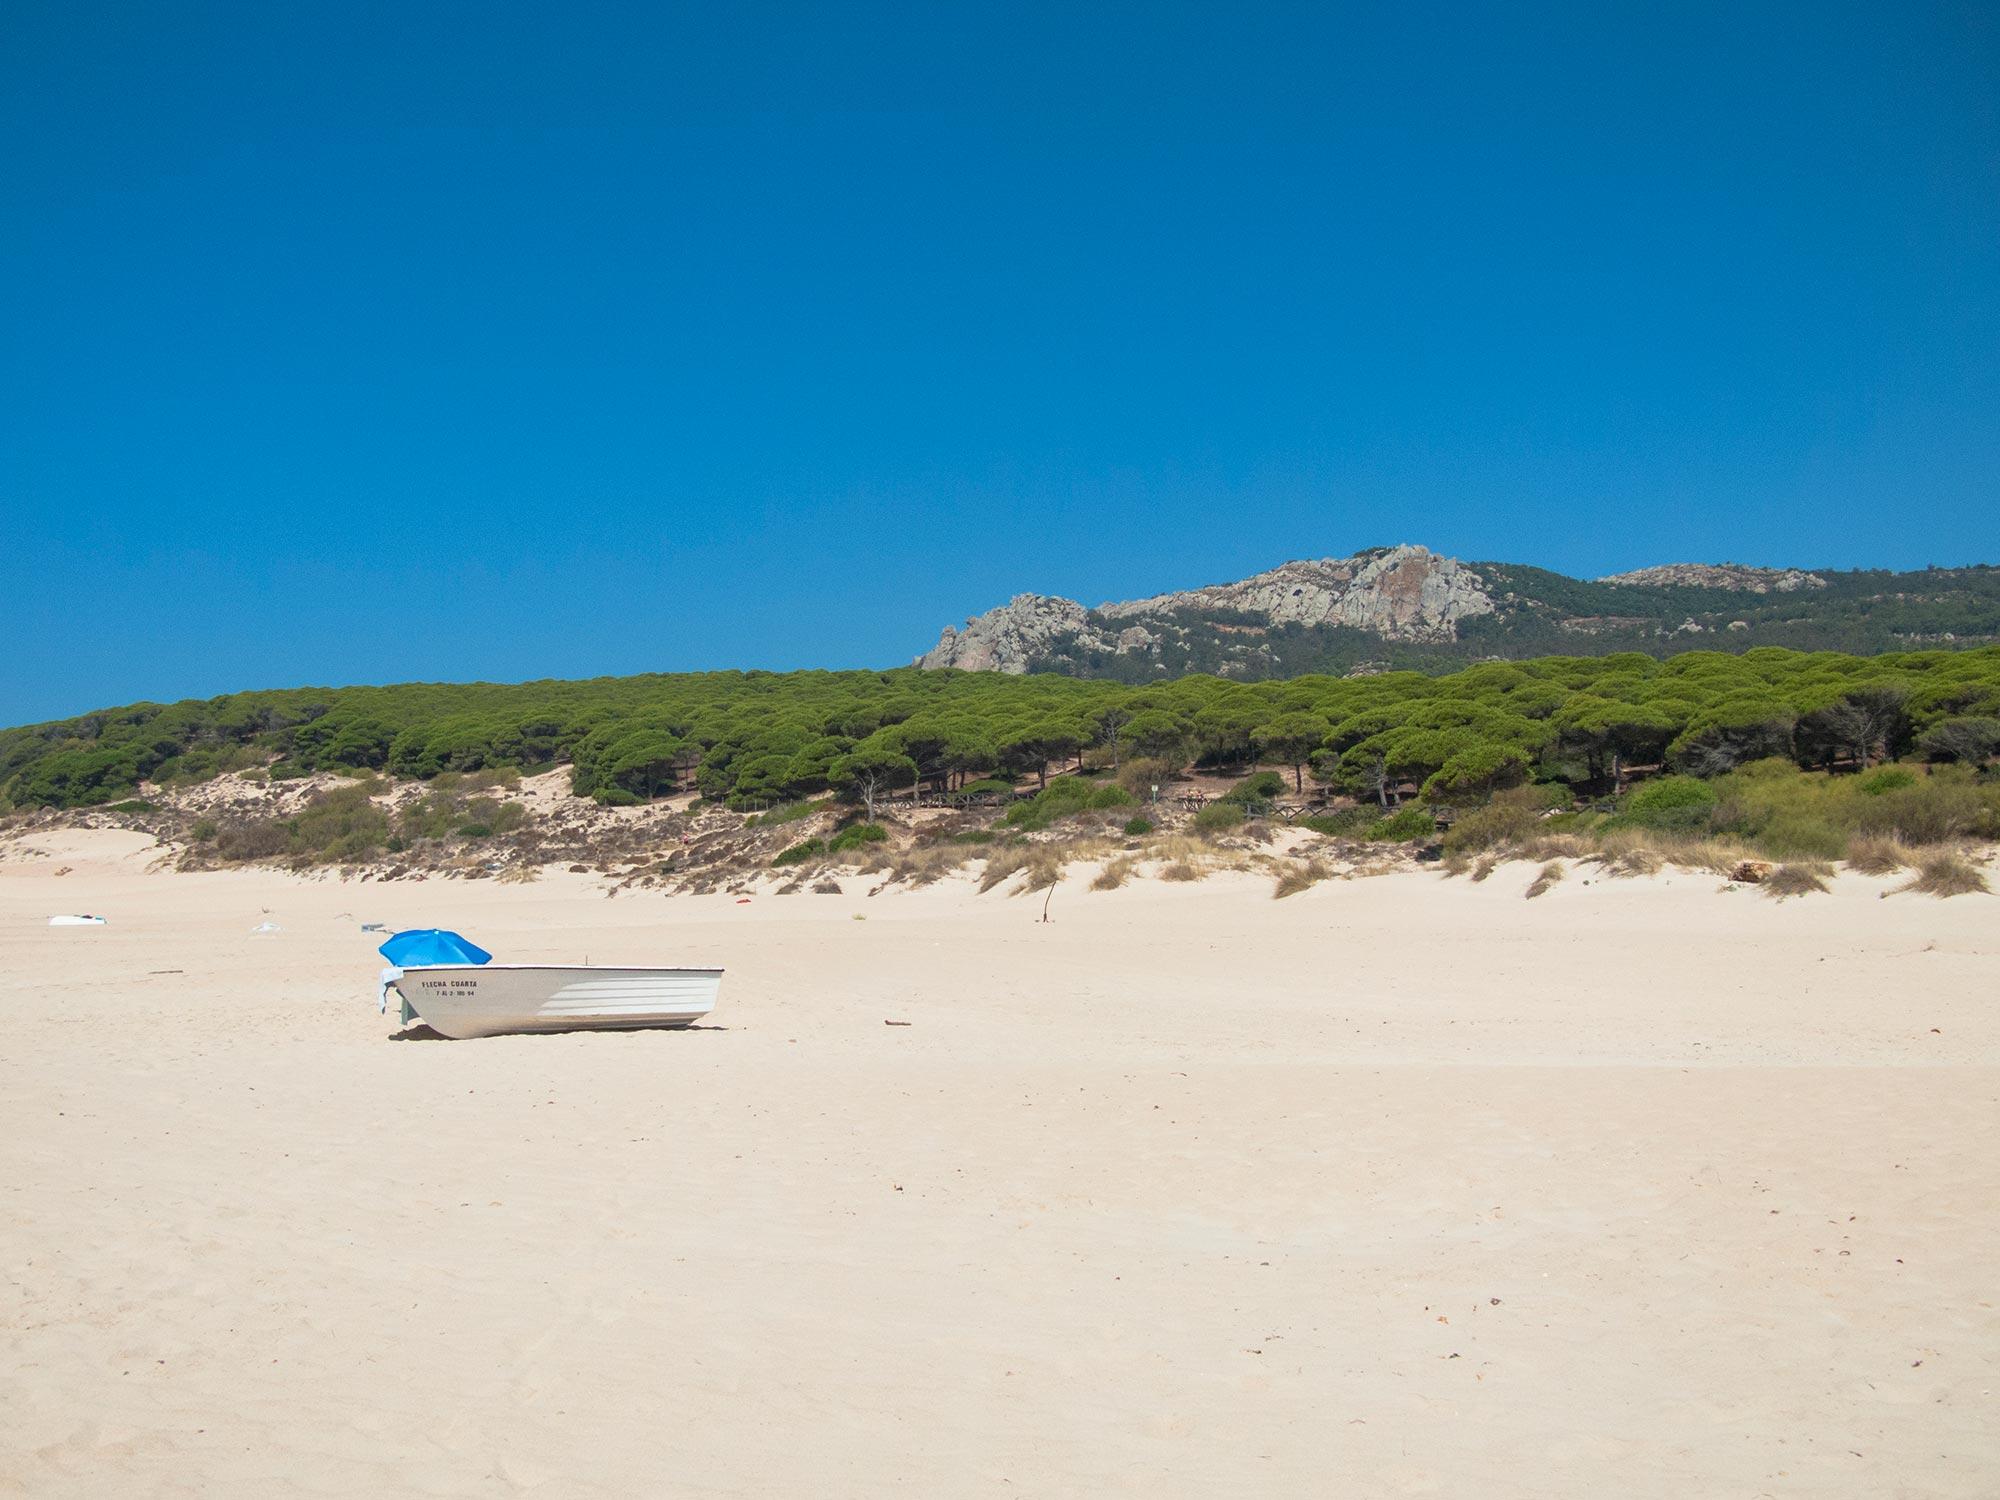 Bolonia beach boat and blue umbrella